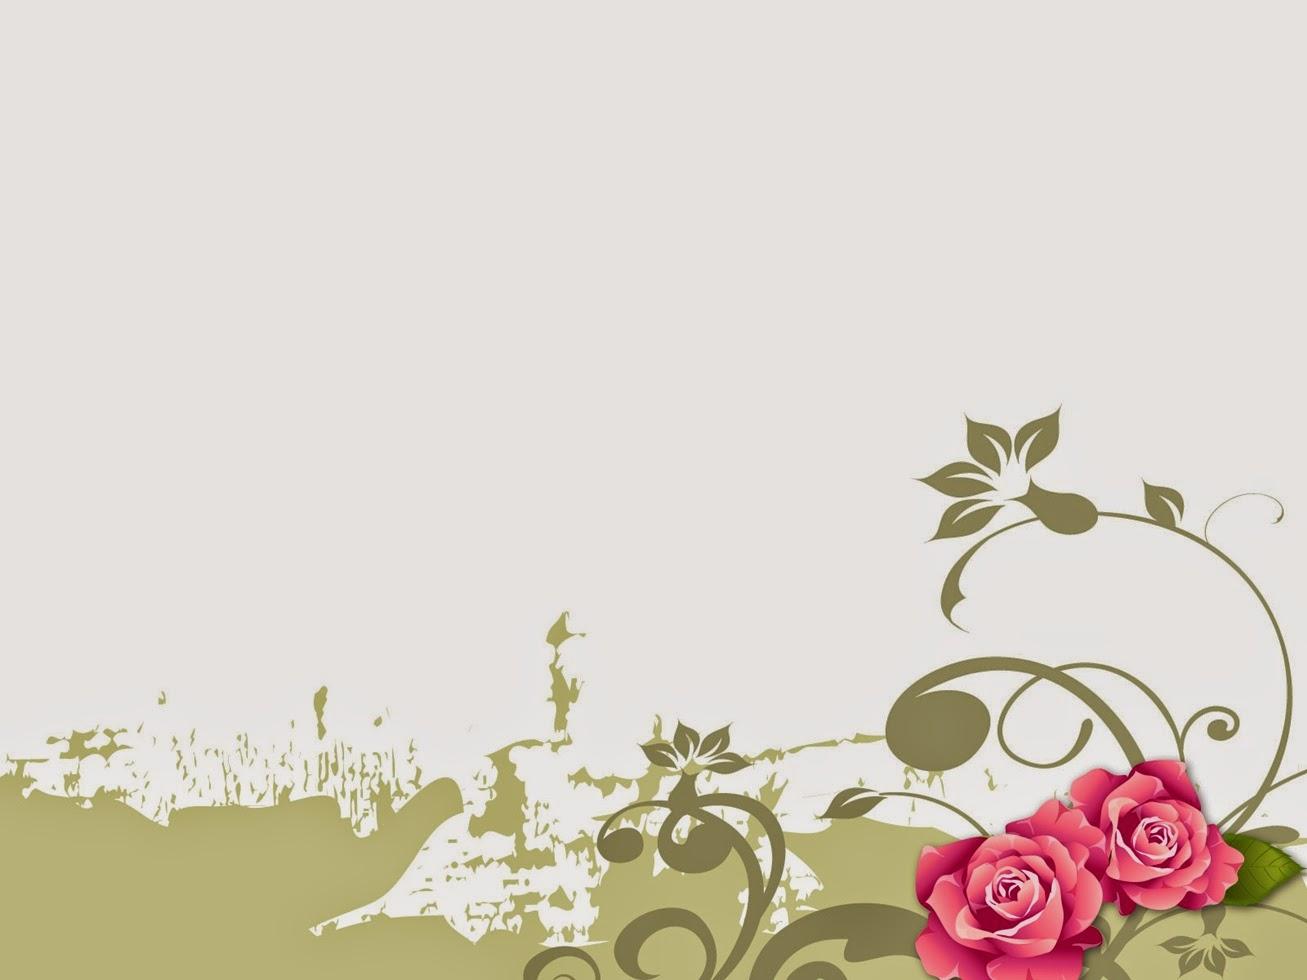 flowers background photoshop | many flowers